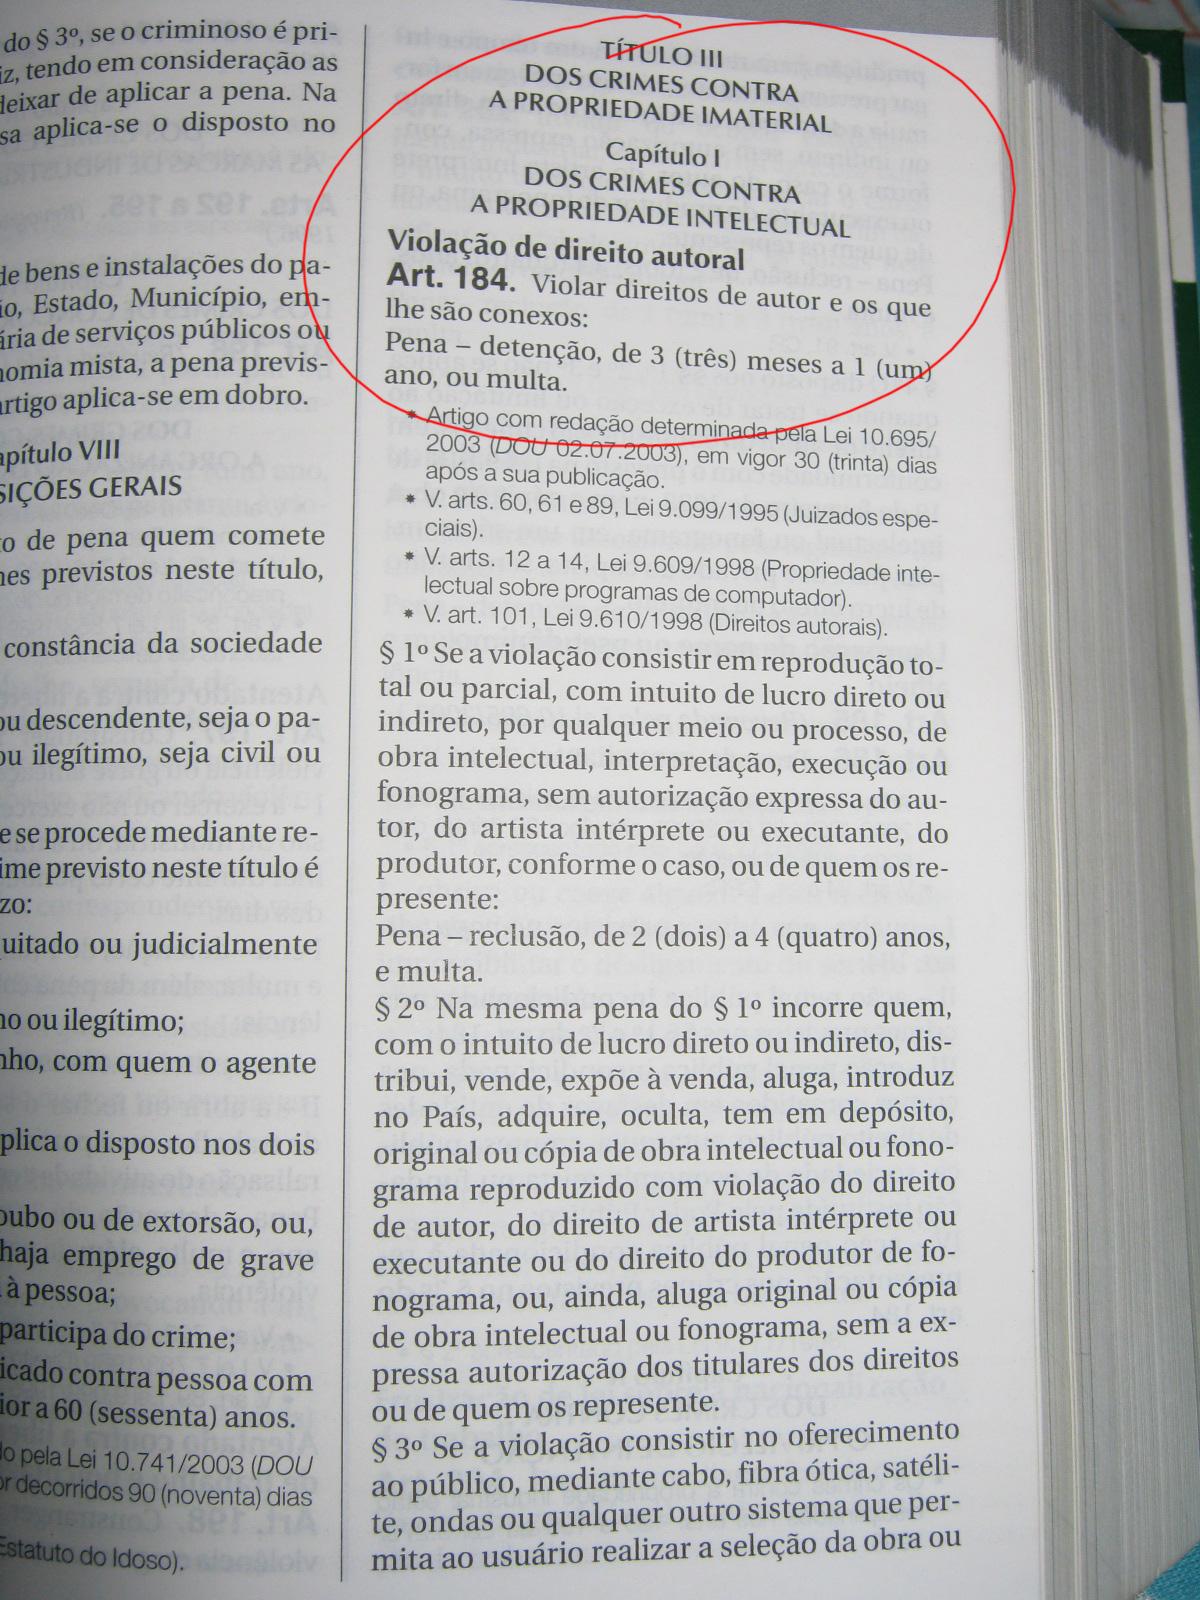 Artigo 117 do codigo penal